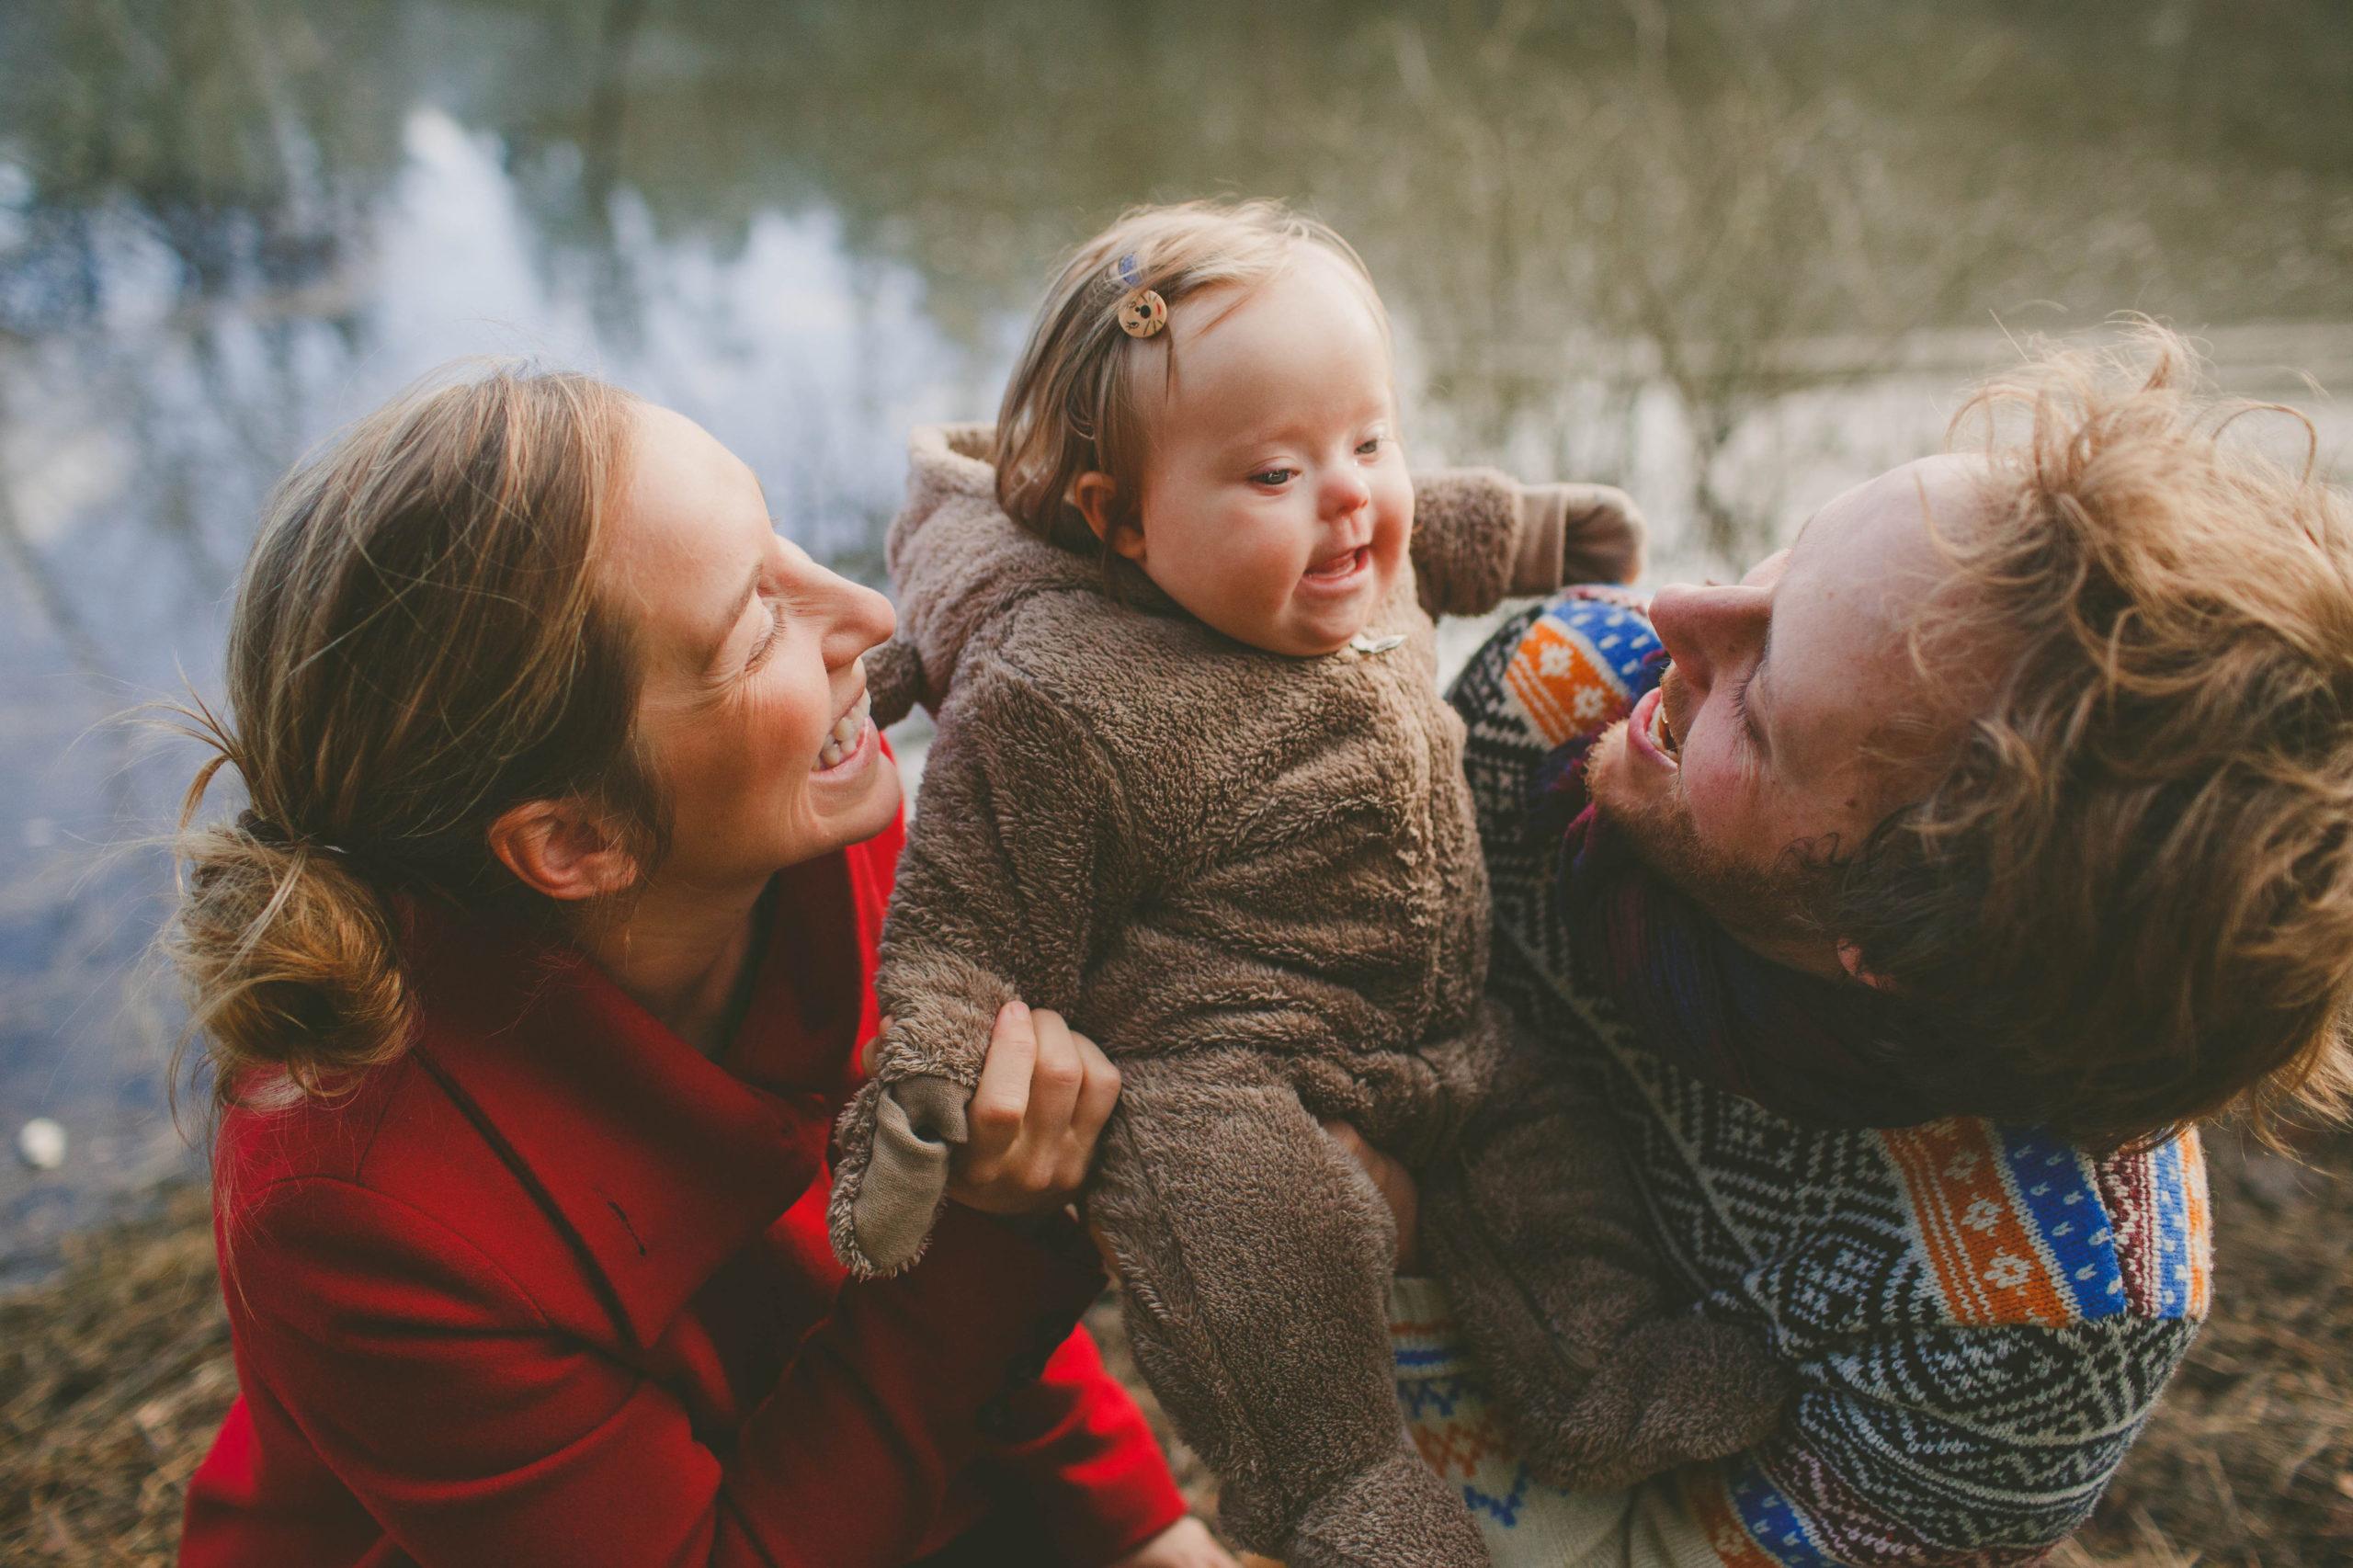 Una famiglia alla ricerca dell'accoglienza